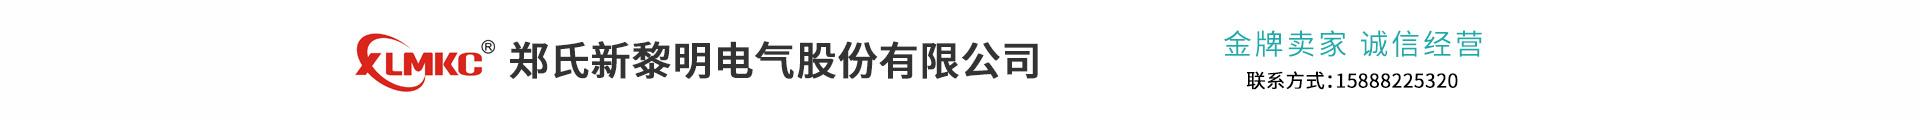 郑氏新黎明电气股份有限公司